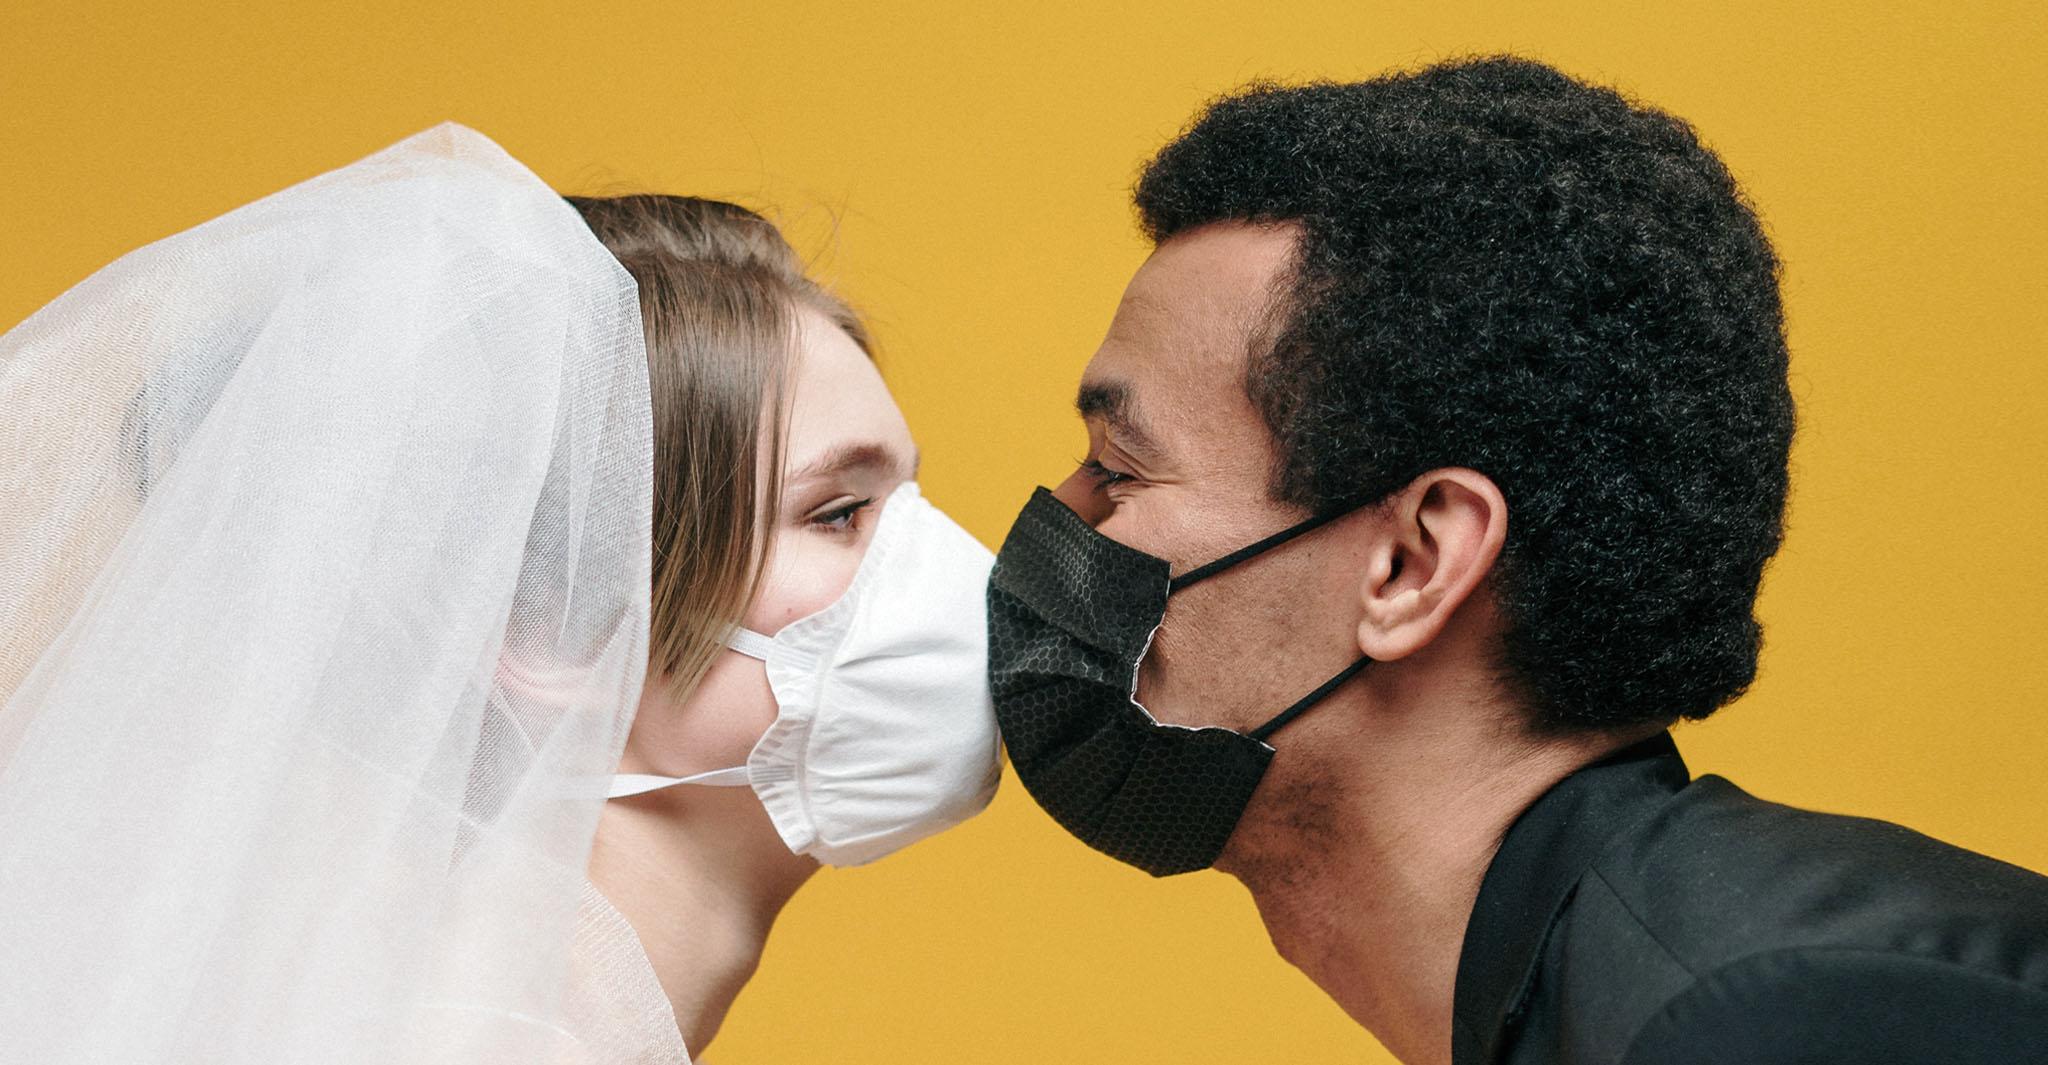 Green pass per matrimoni: cos'è, come e quando si ottiene